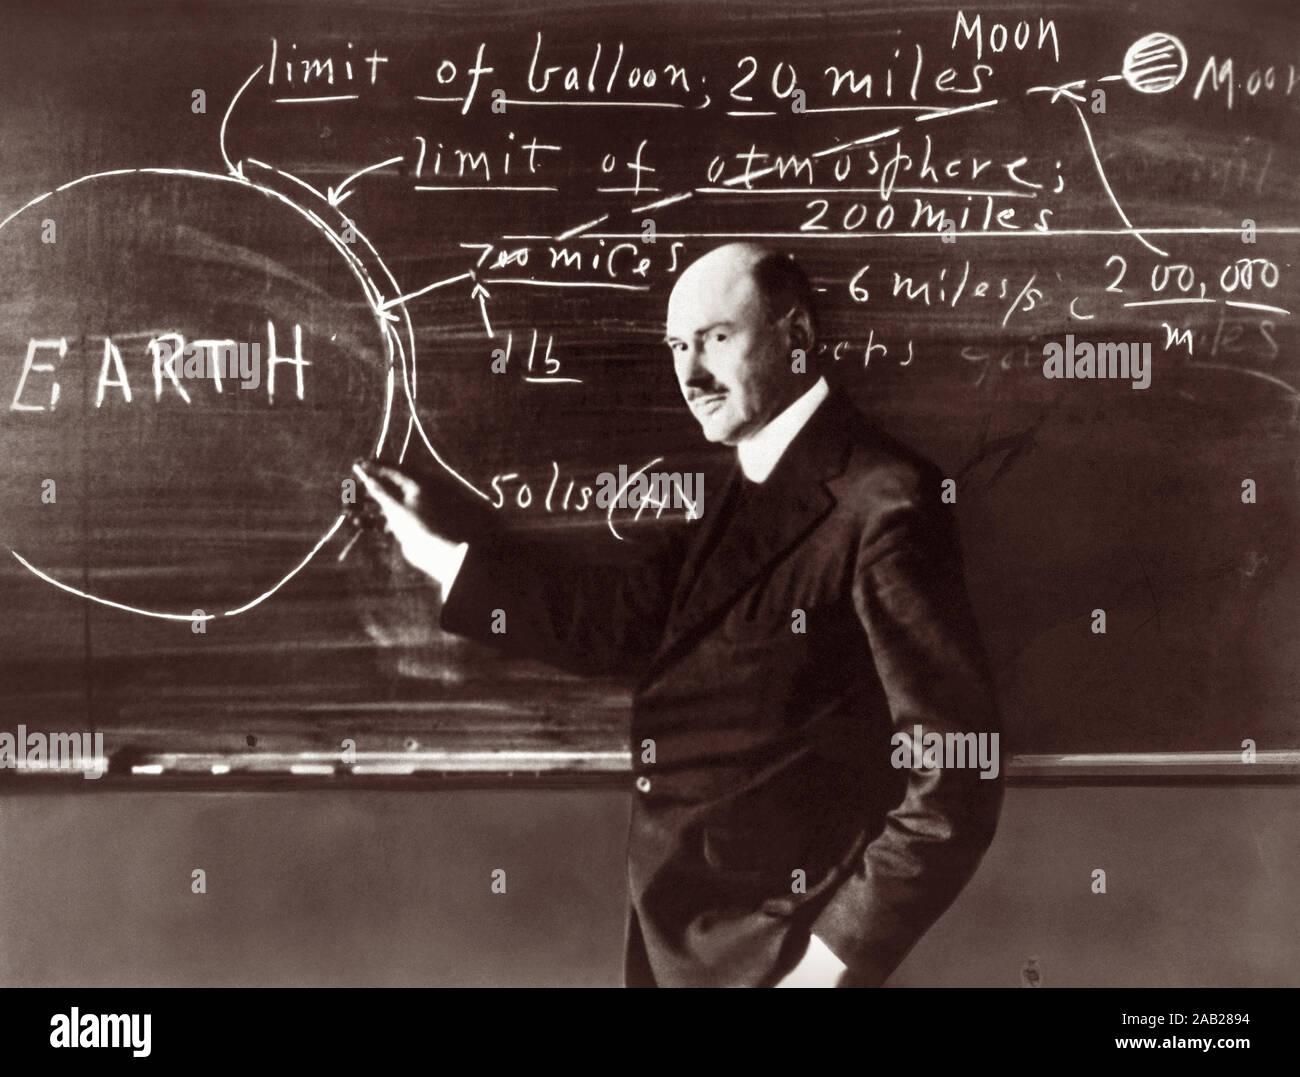 """Dr. Robert Hutchings Goddard (1882-1945) auf einer Tafel an der Clark University in Worcester, Massachusetts, 1924. Goddard, ein Erfinder, Wissenschaftler und Professor für Physik an der Clark University, ist als """"Vater der modernen Raketentechnik bekannt."""" Stockfoto"""